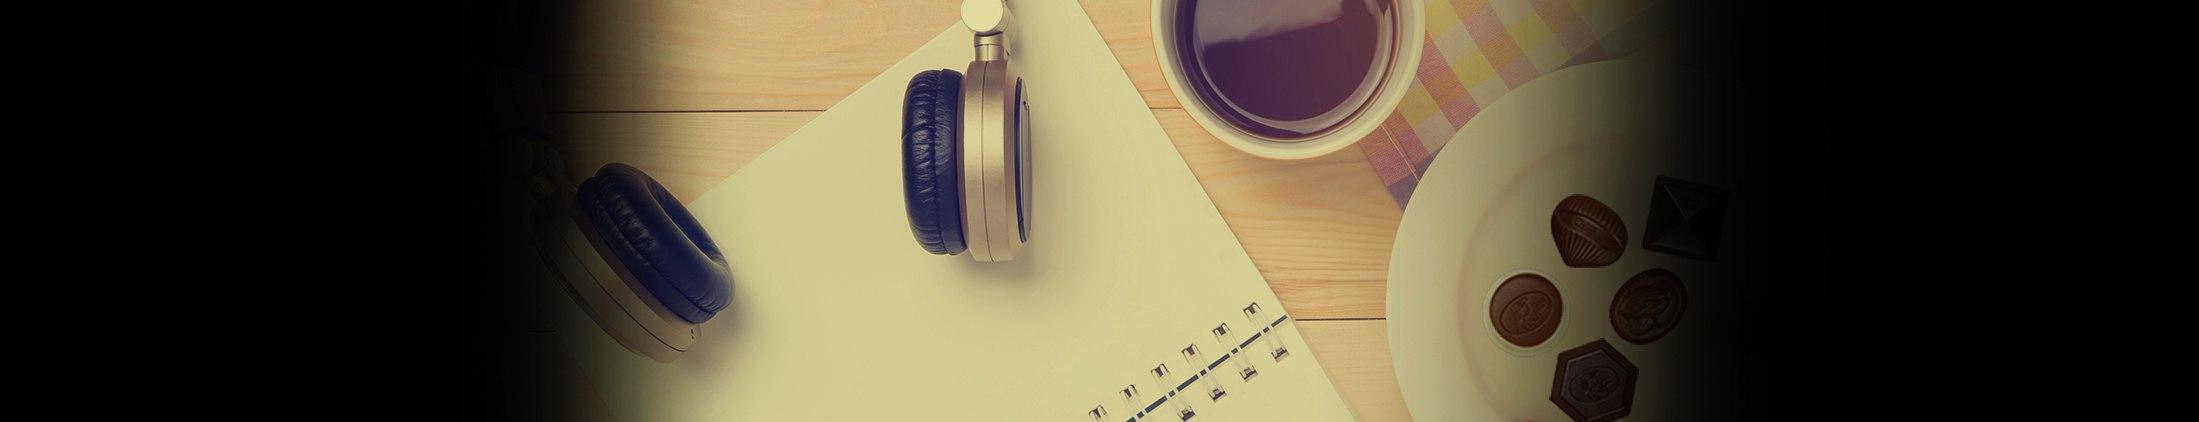 Chocolade en muziek, dat kli(n)kt goed